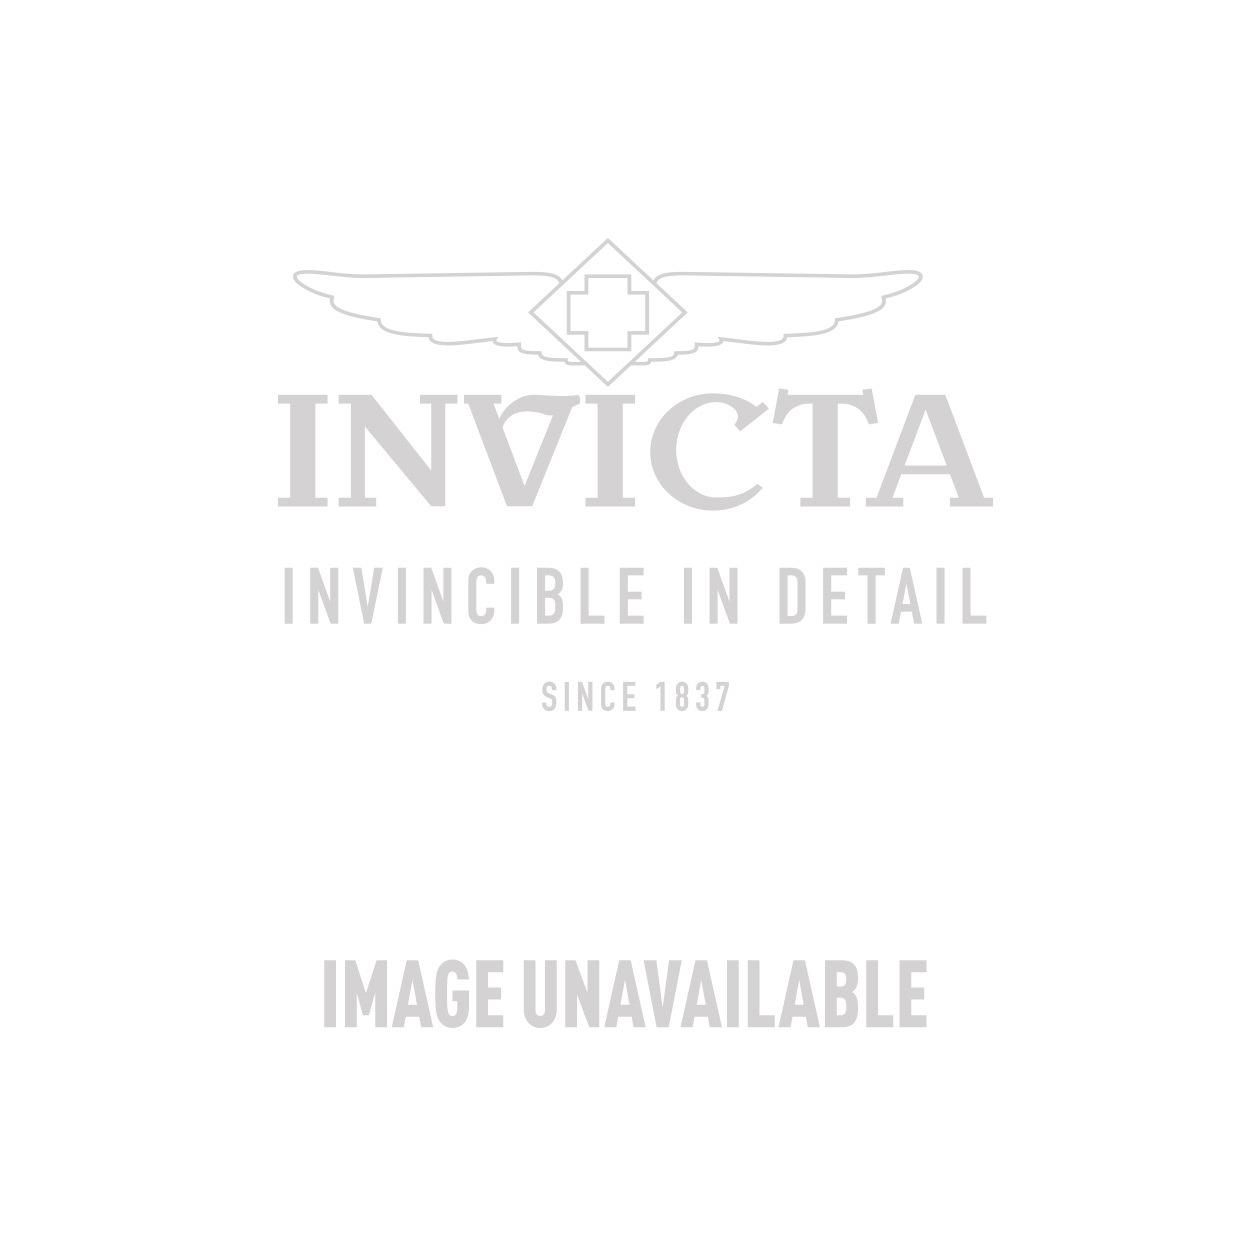 Invicta Model 23739